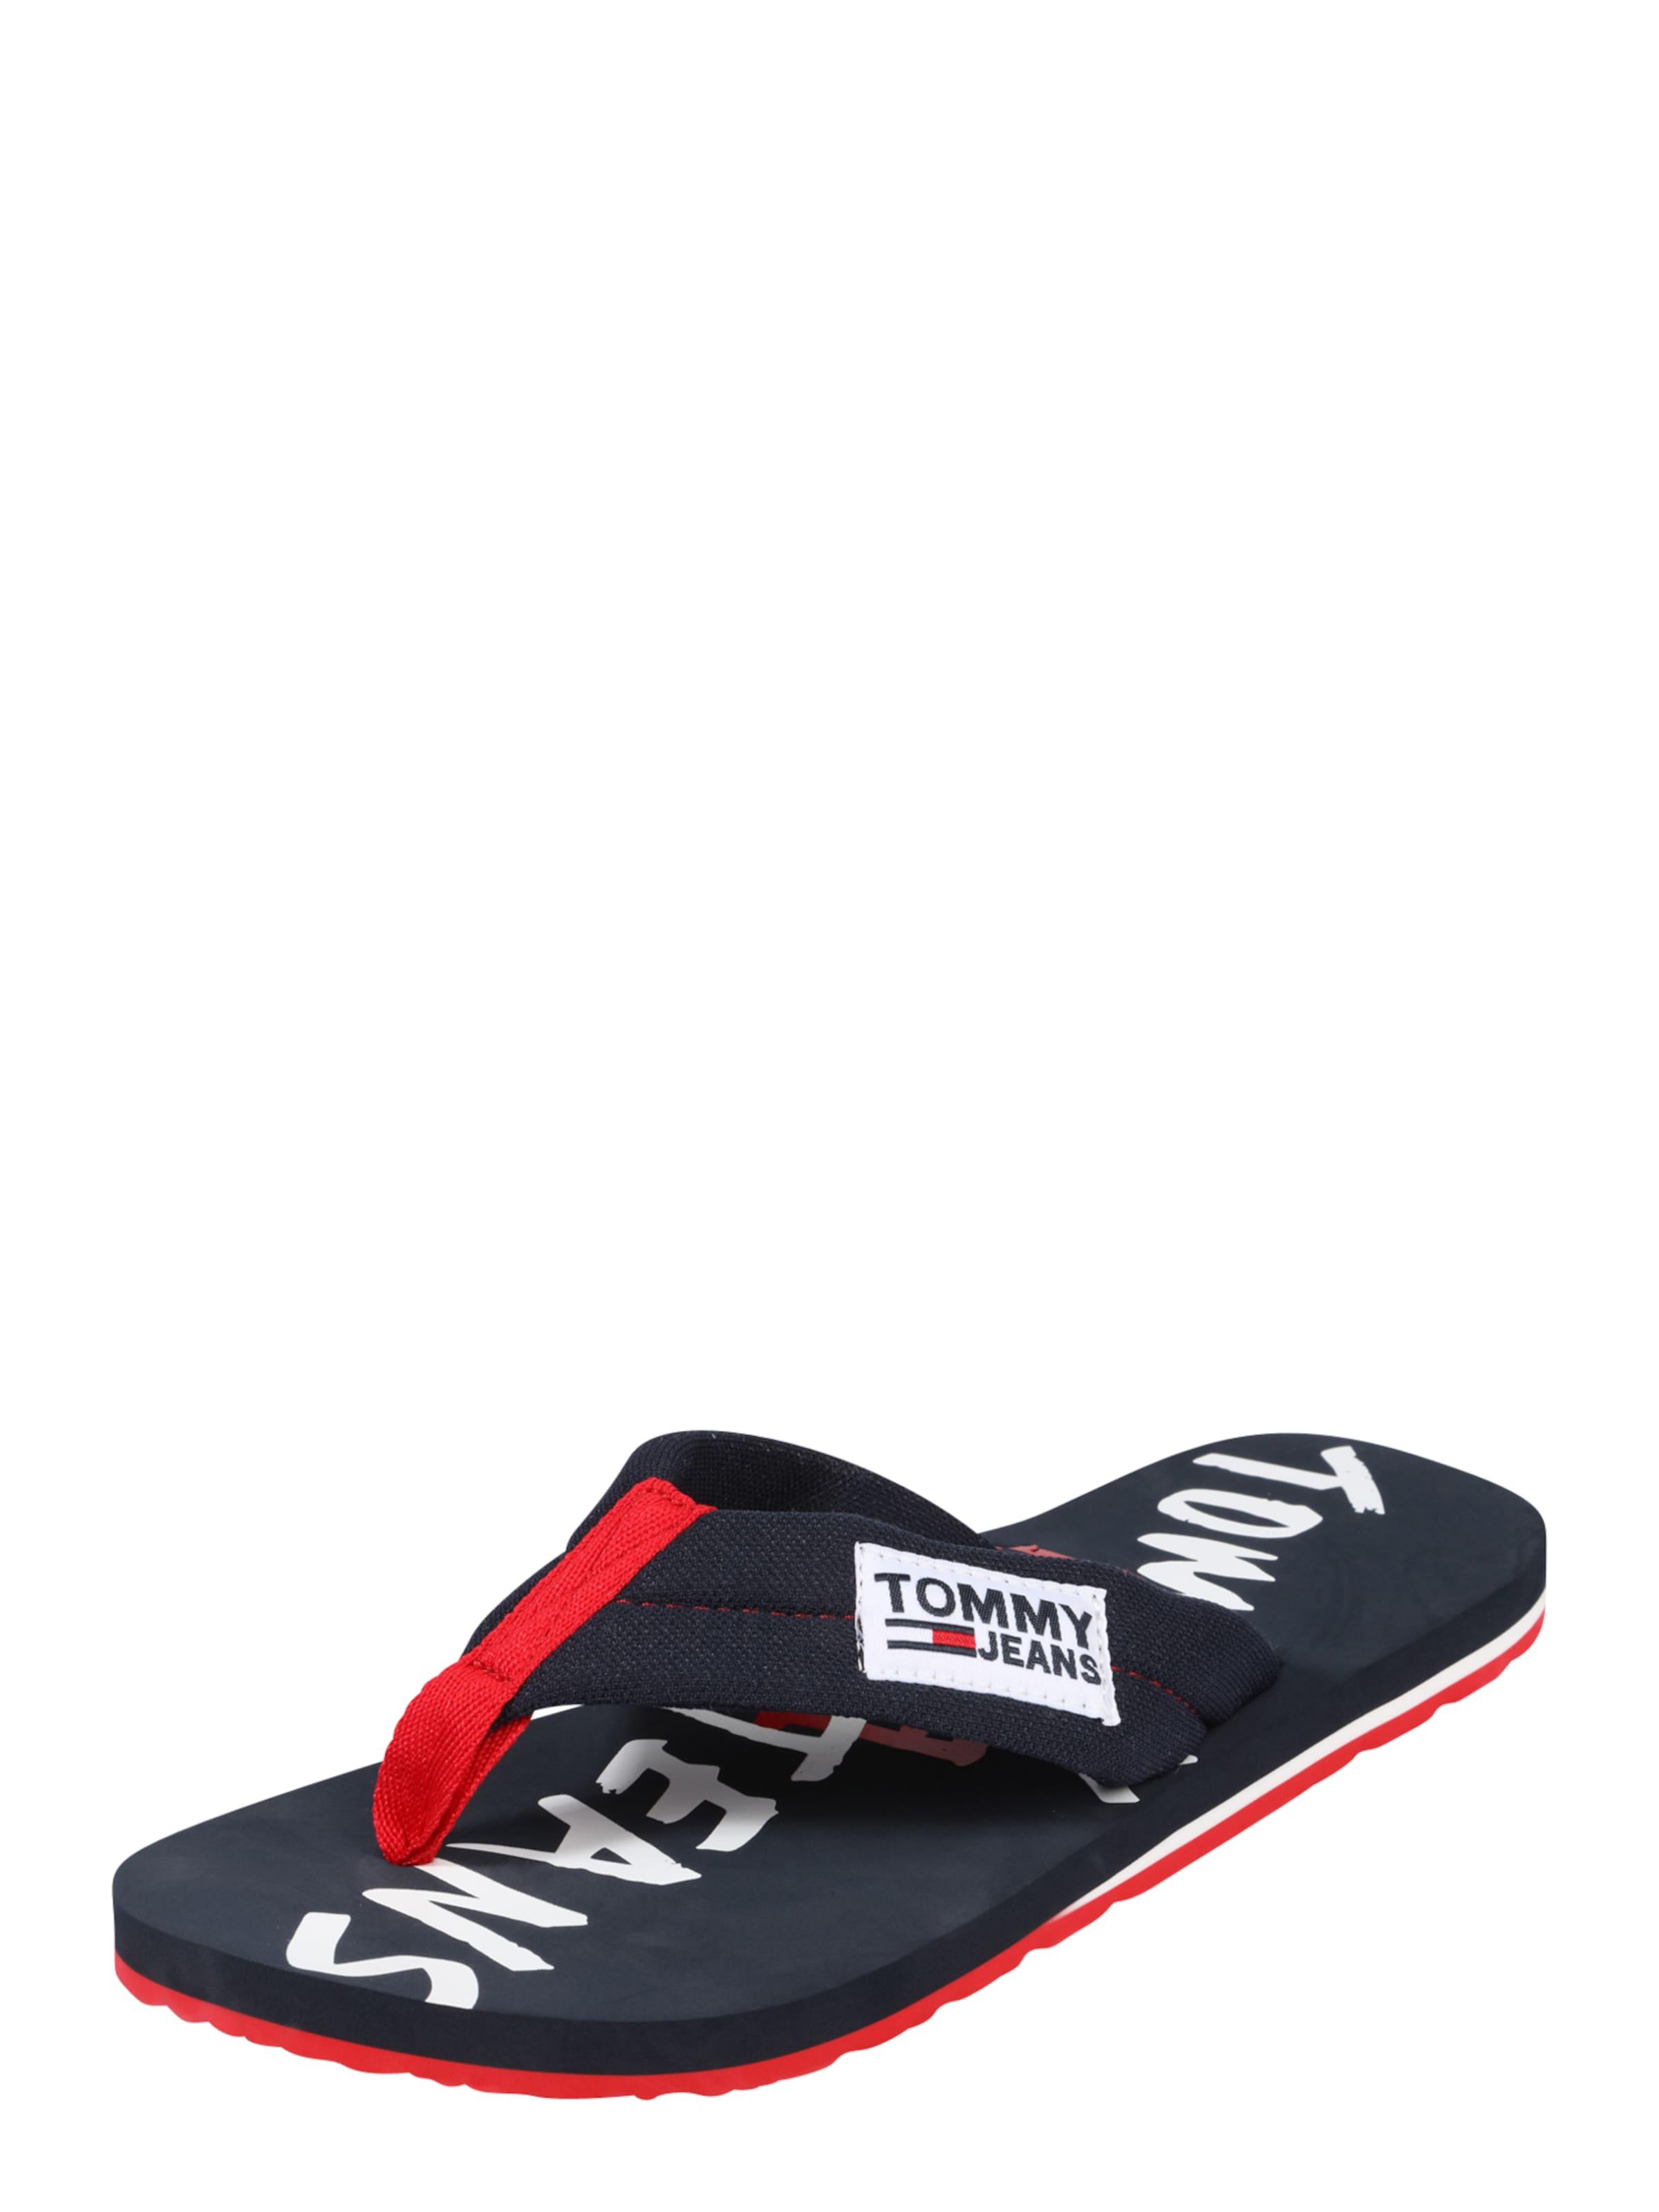 Tommy Jeans   Zehentrenner 'Beach' mit mit 'Beach' Logo Patch Schuhe Gut getragene Schuhe b532b5